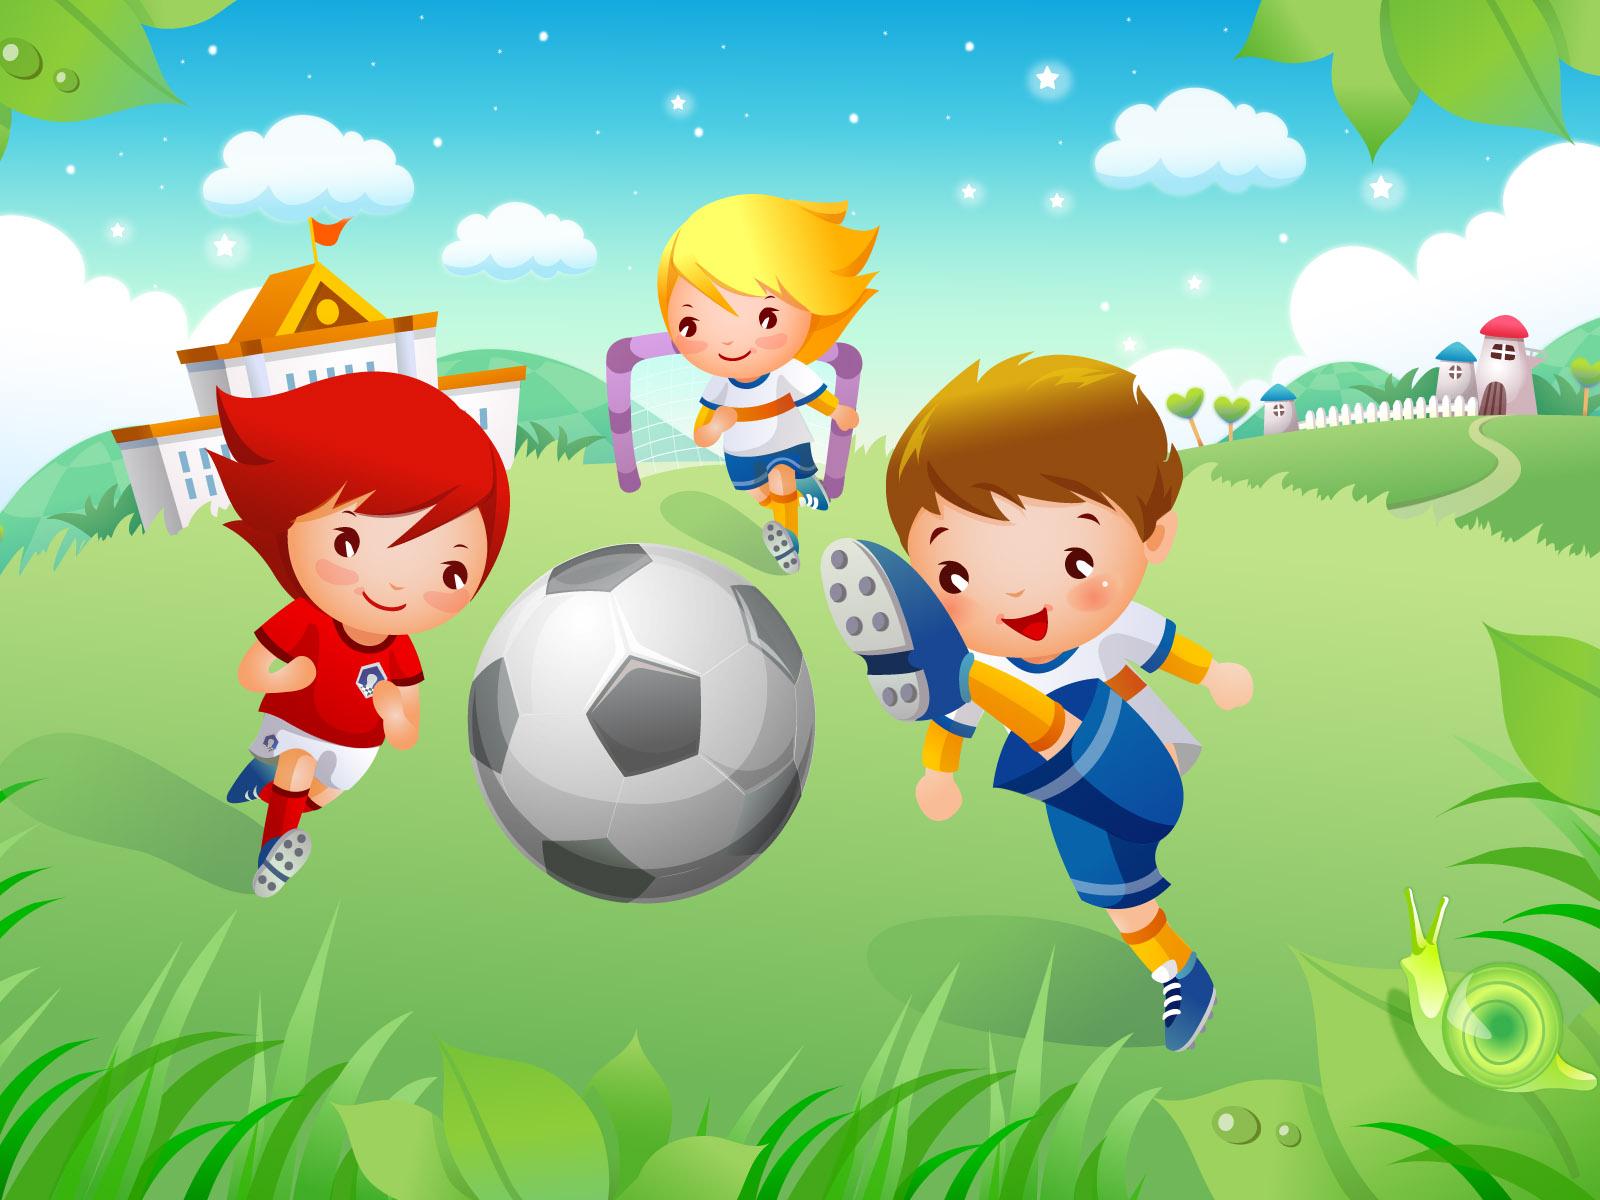 Картинка спортивные игры в детском саду